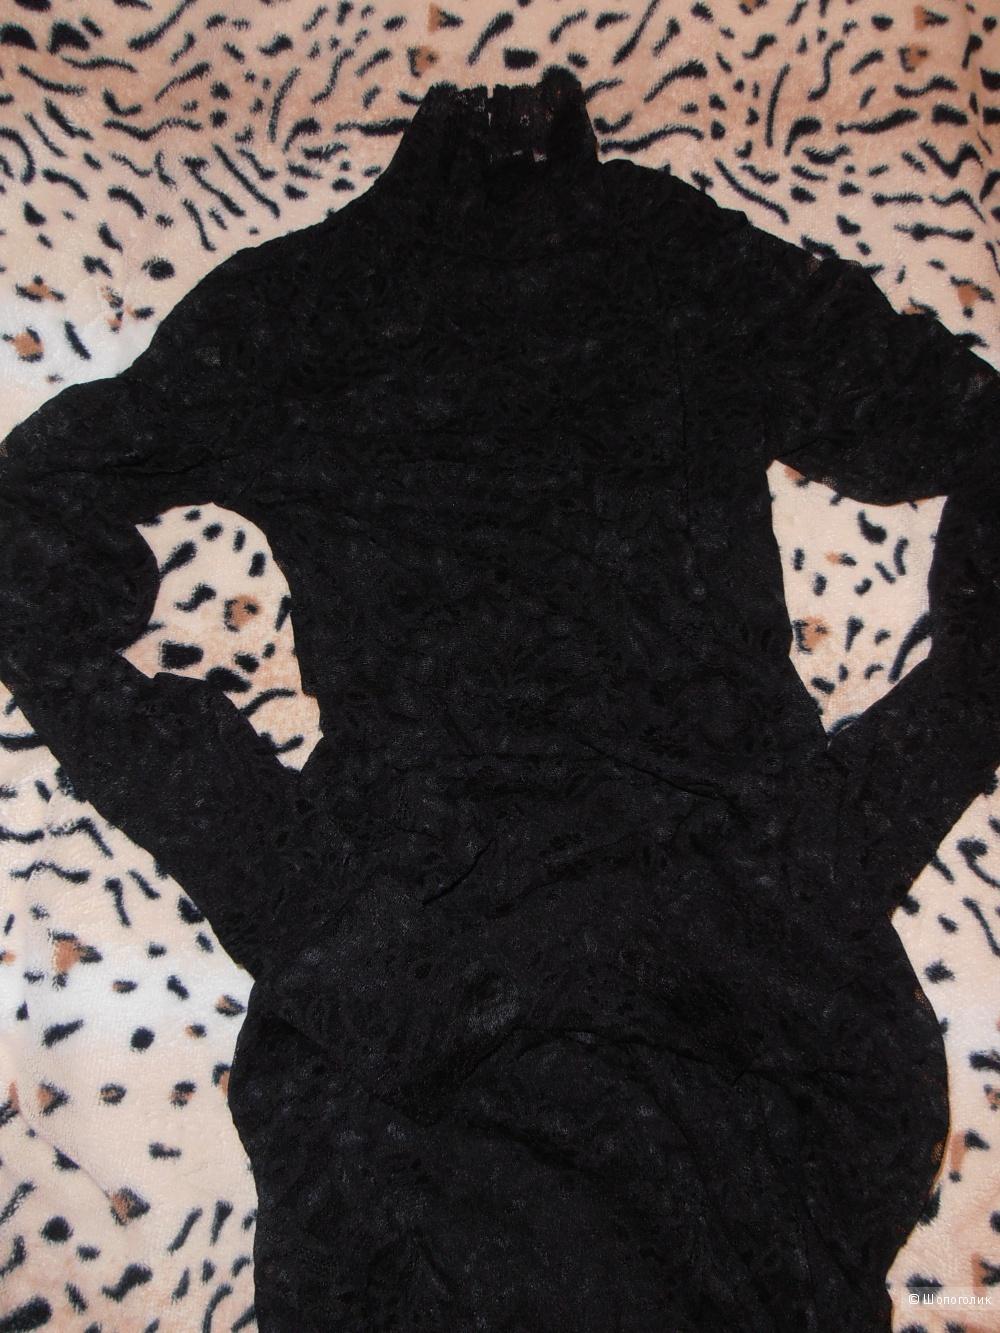 Платье с открытой спиной Open back dress Victoria's Secret, размер XS.